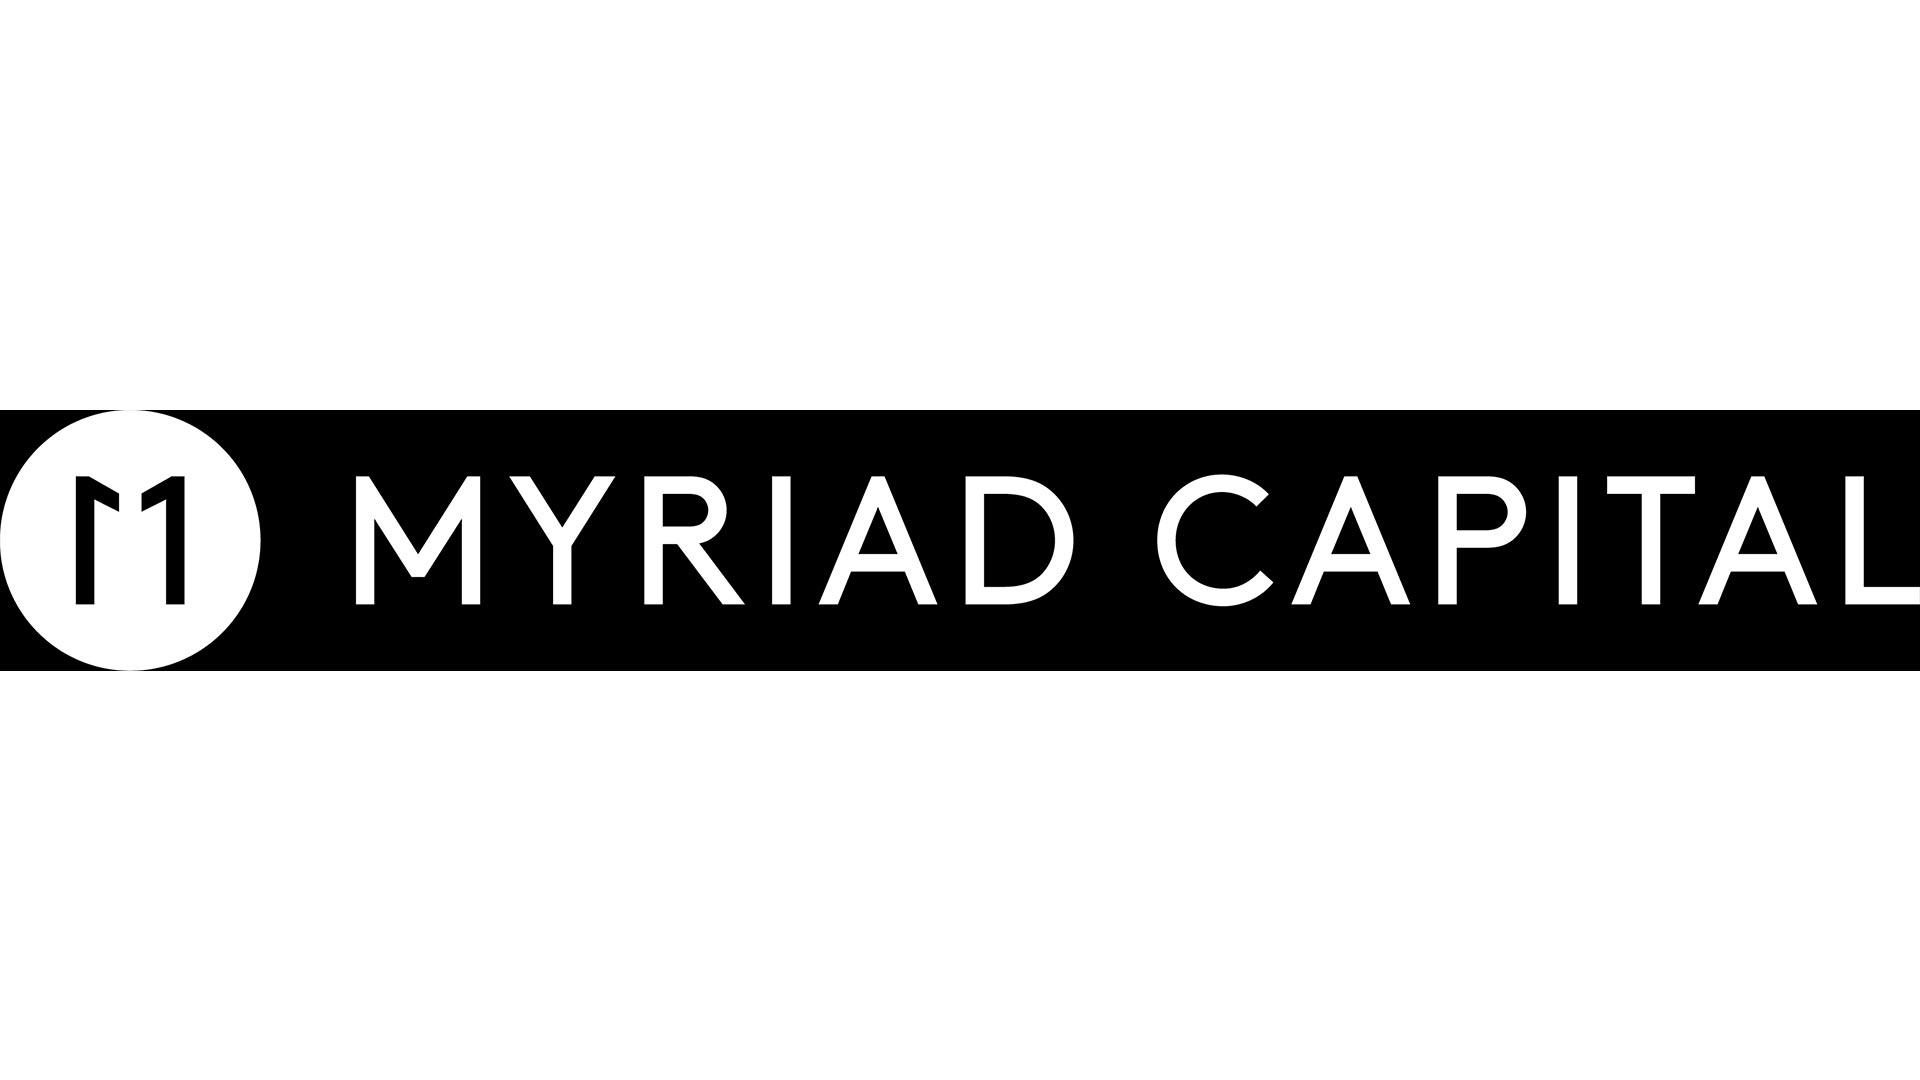 myriad capital